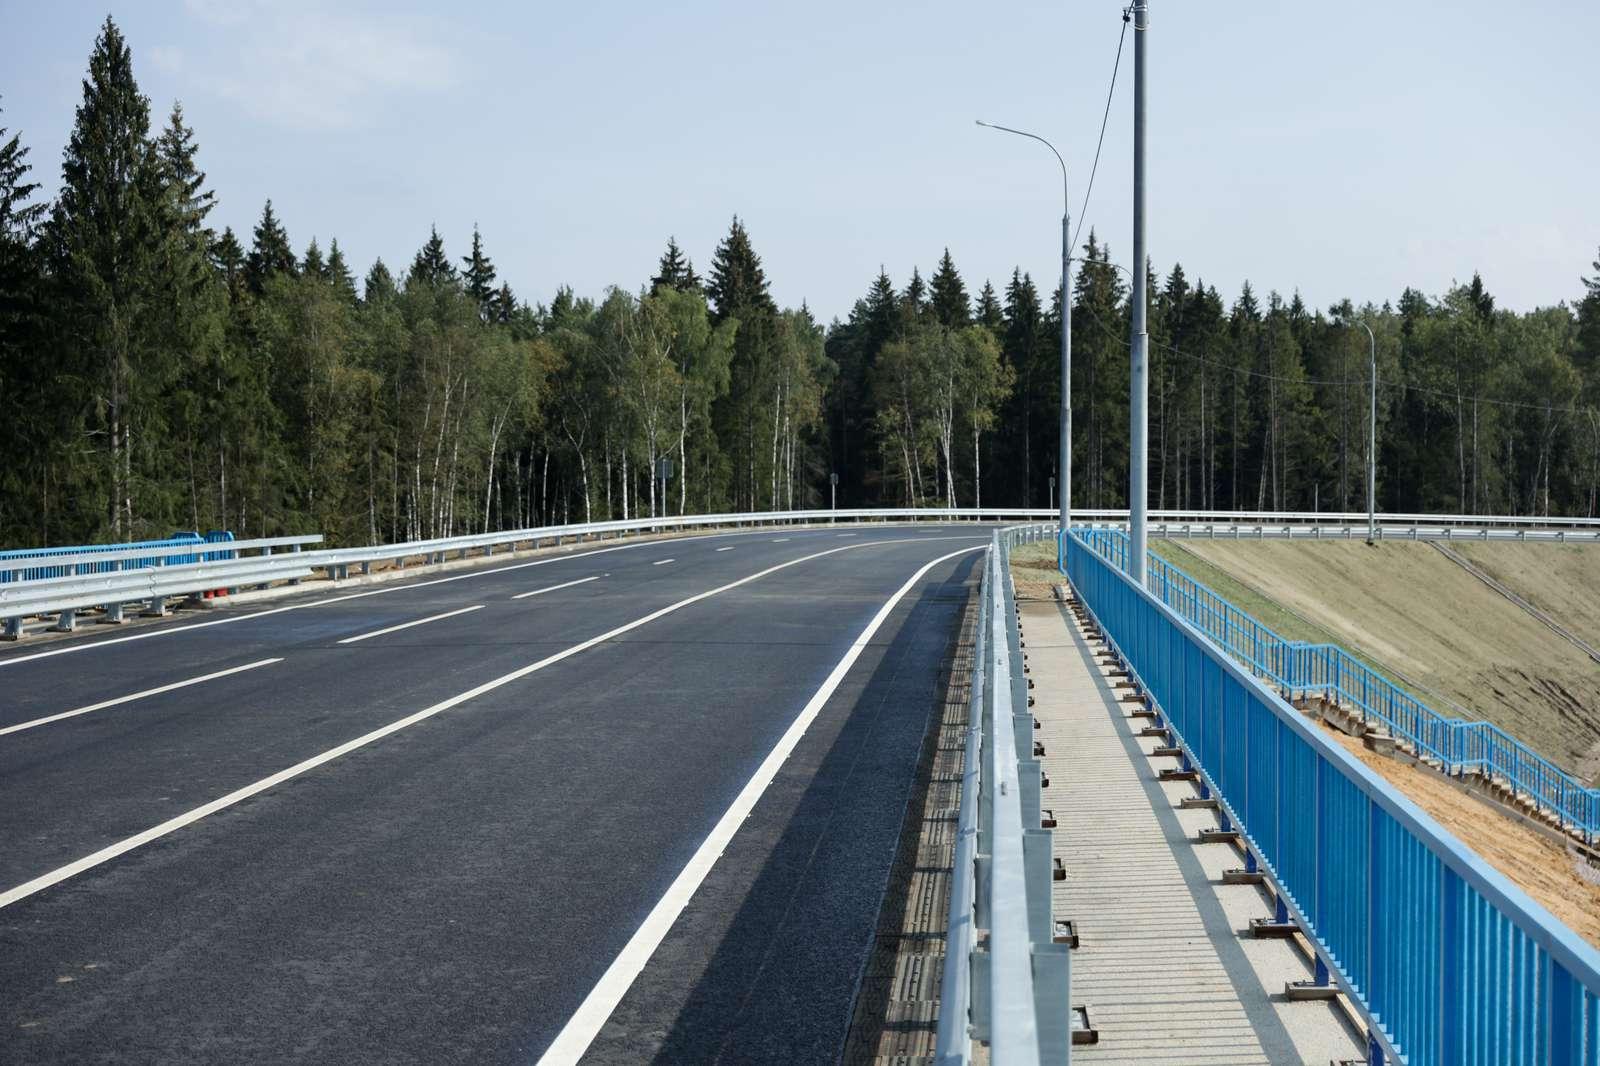 Без пробок и светофоров. Новую развязку перед индустриальным парком «Есипово» открыли в Солнечногорске | Изображение 2